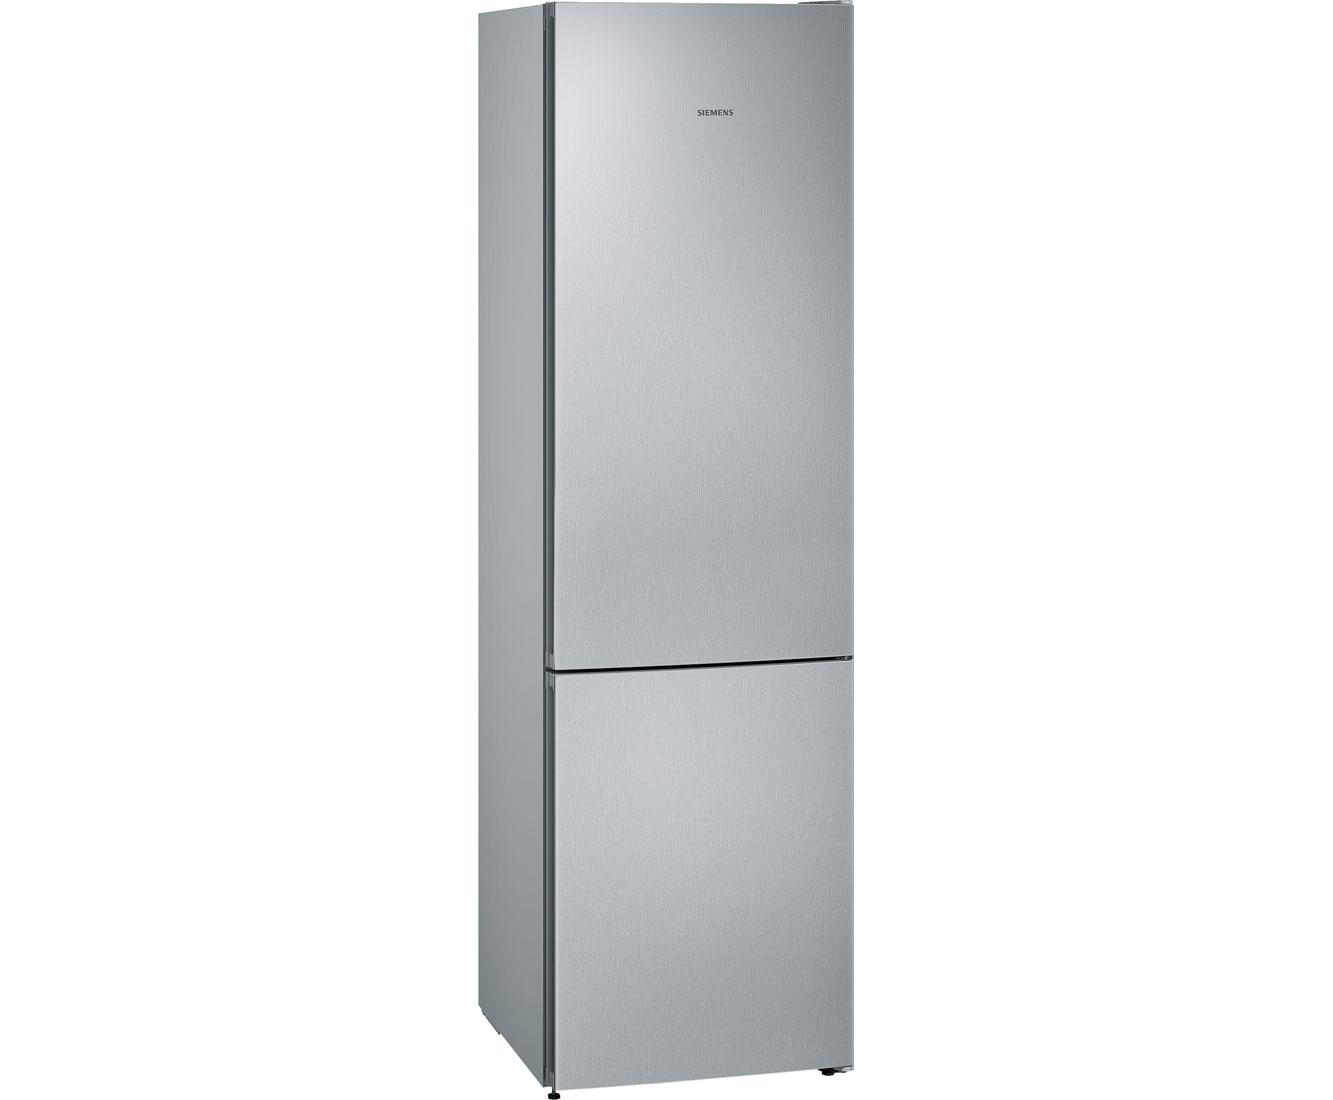 Siemens iq300 kg39nvl35 kühl gefrierkombination mit no frost